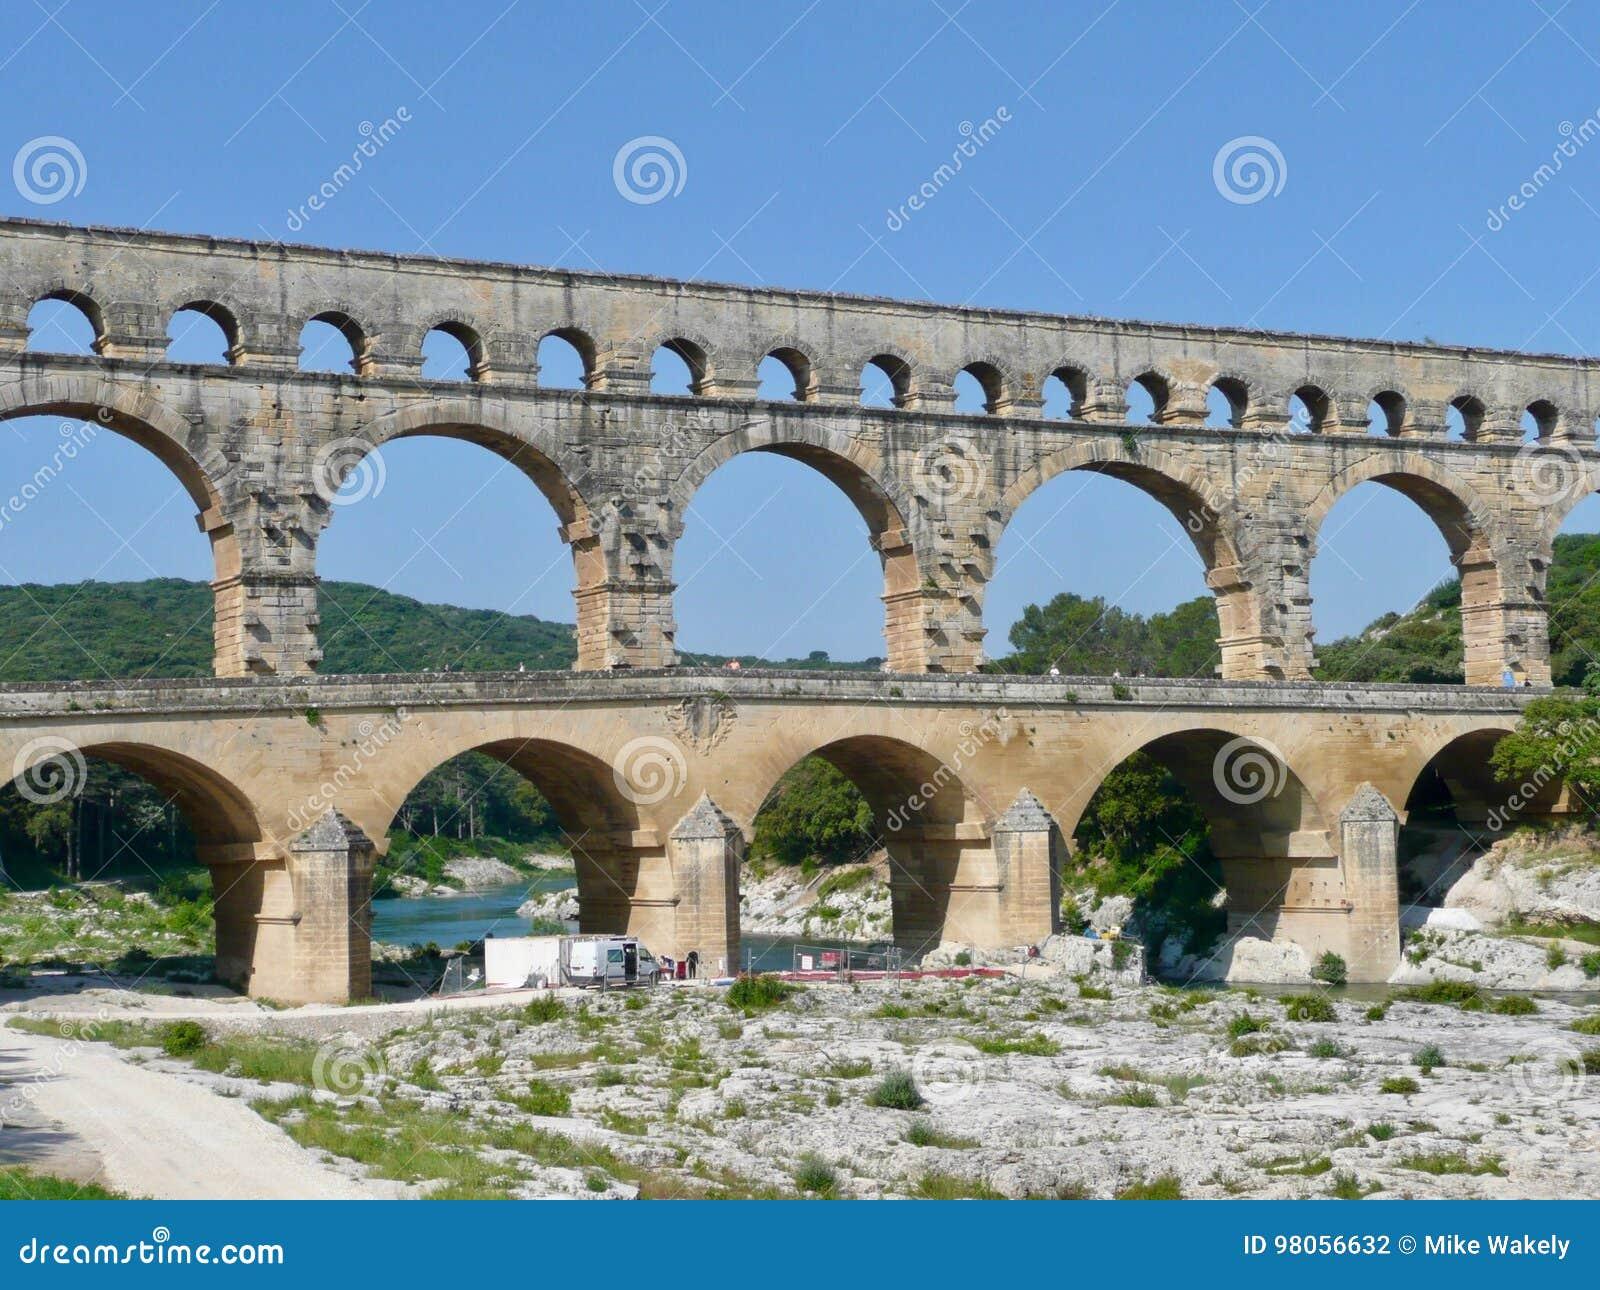 Pont du Gard on south of France